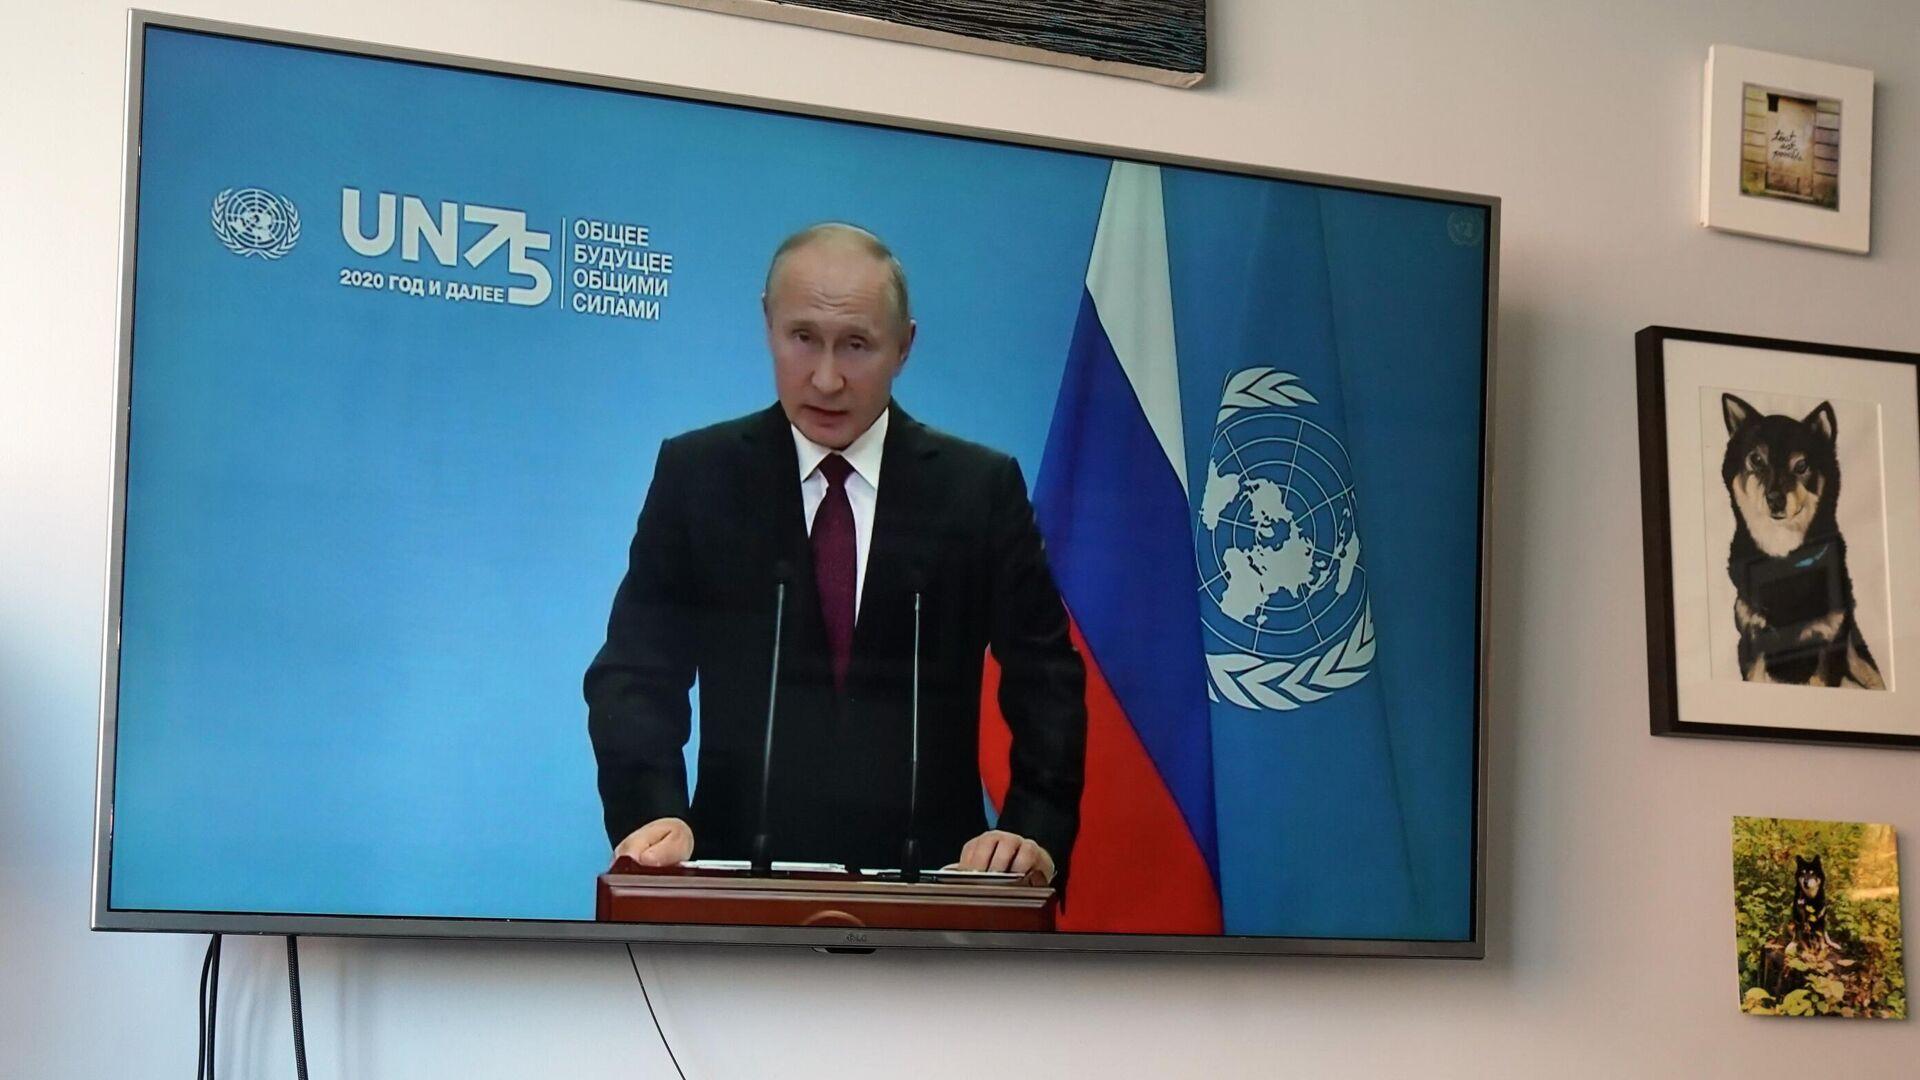 Фрагмент трансляции выступления президента РФ Владимира Путина с видеообращением на 75-й сессии Генеральной ассамблеи ООН - РИА Новости, 1920, 24.09.2020